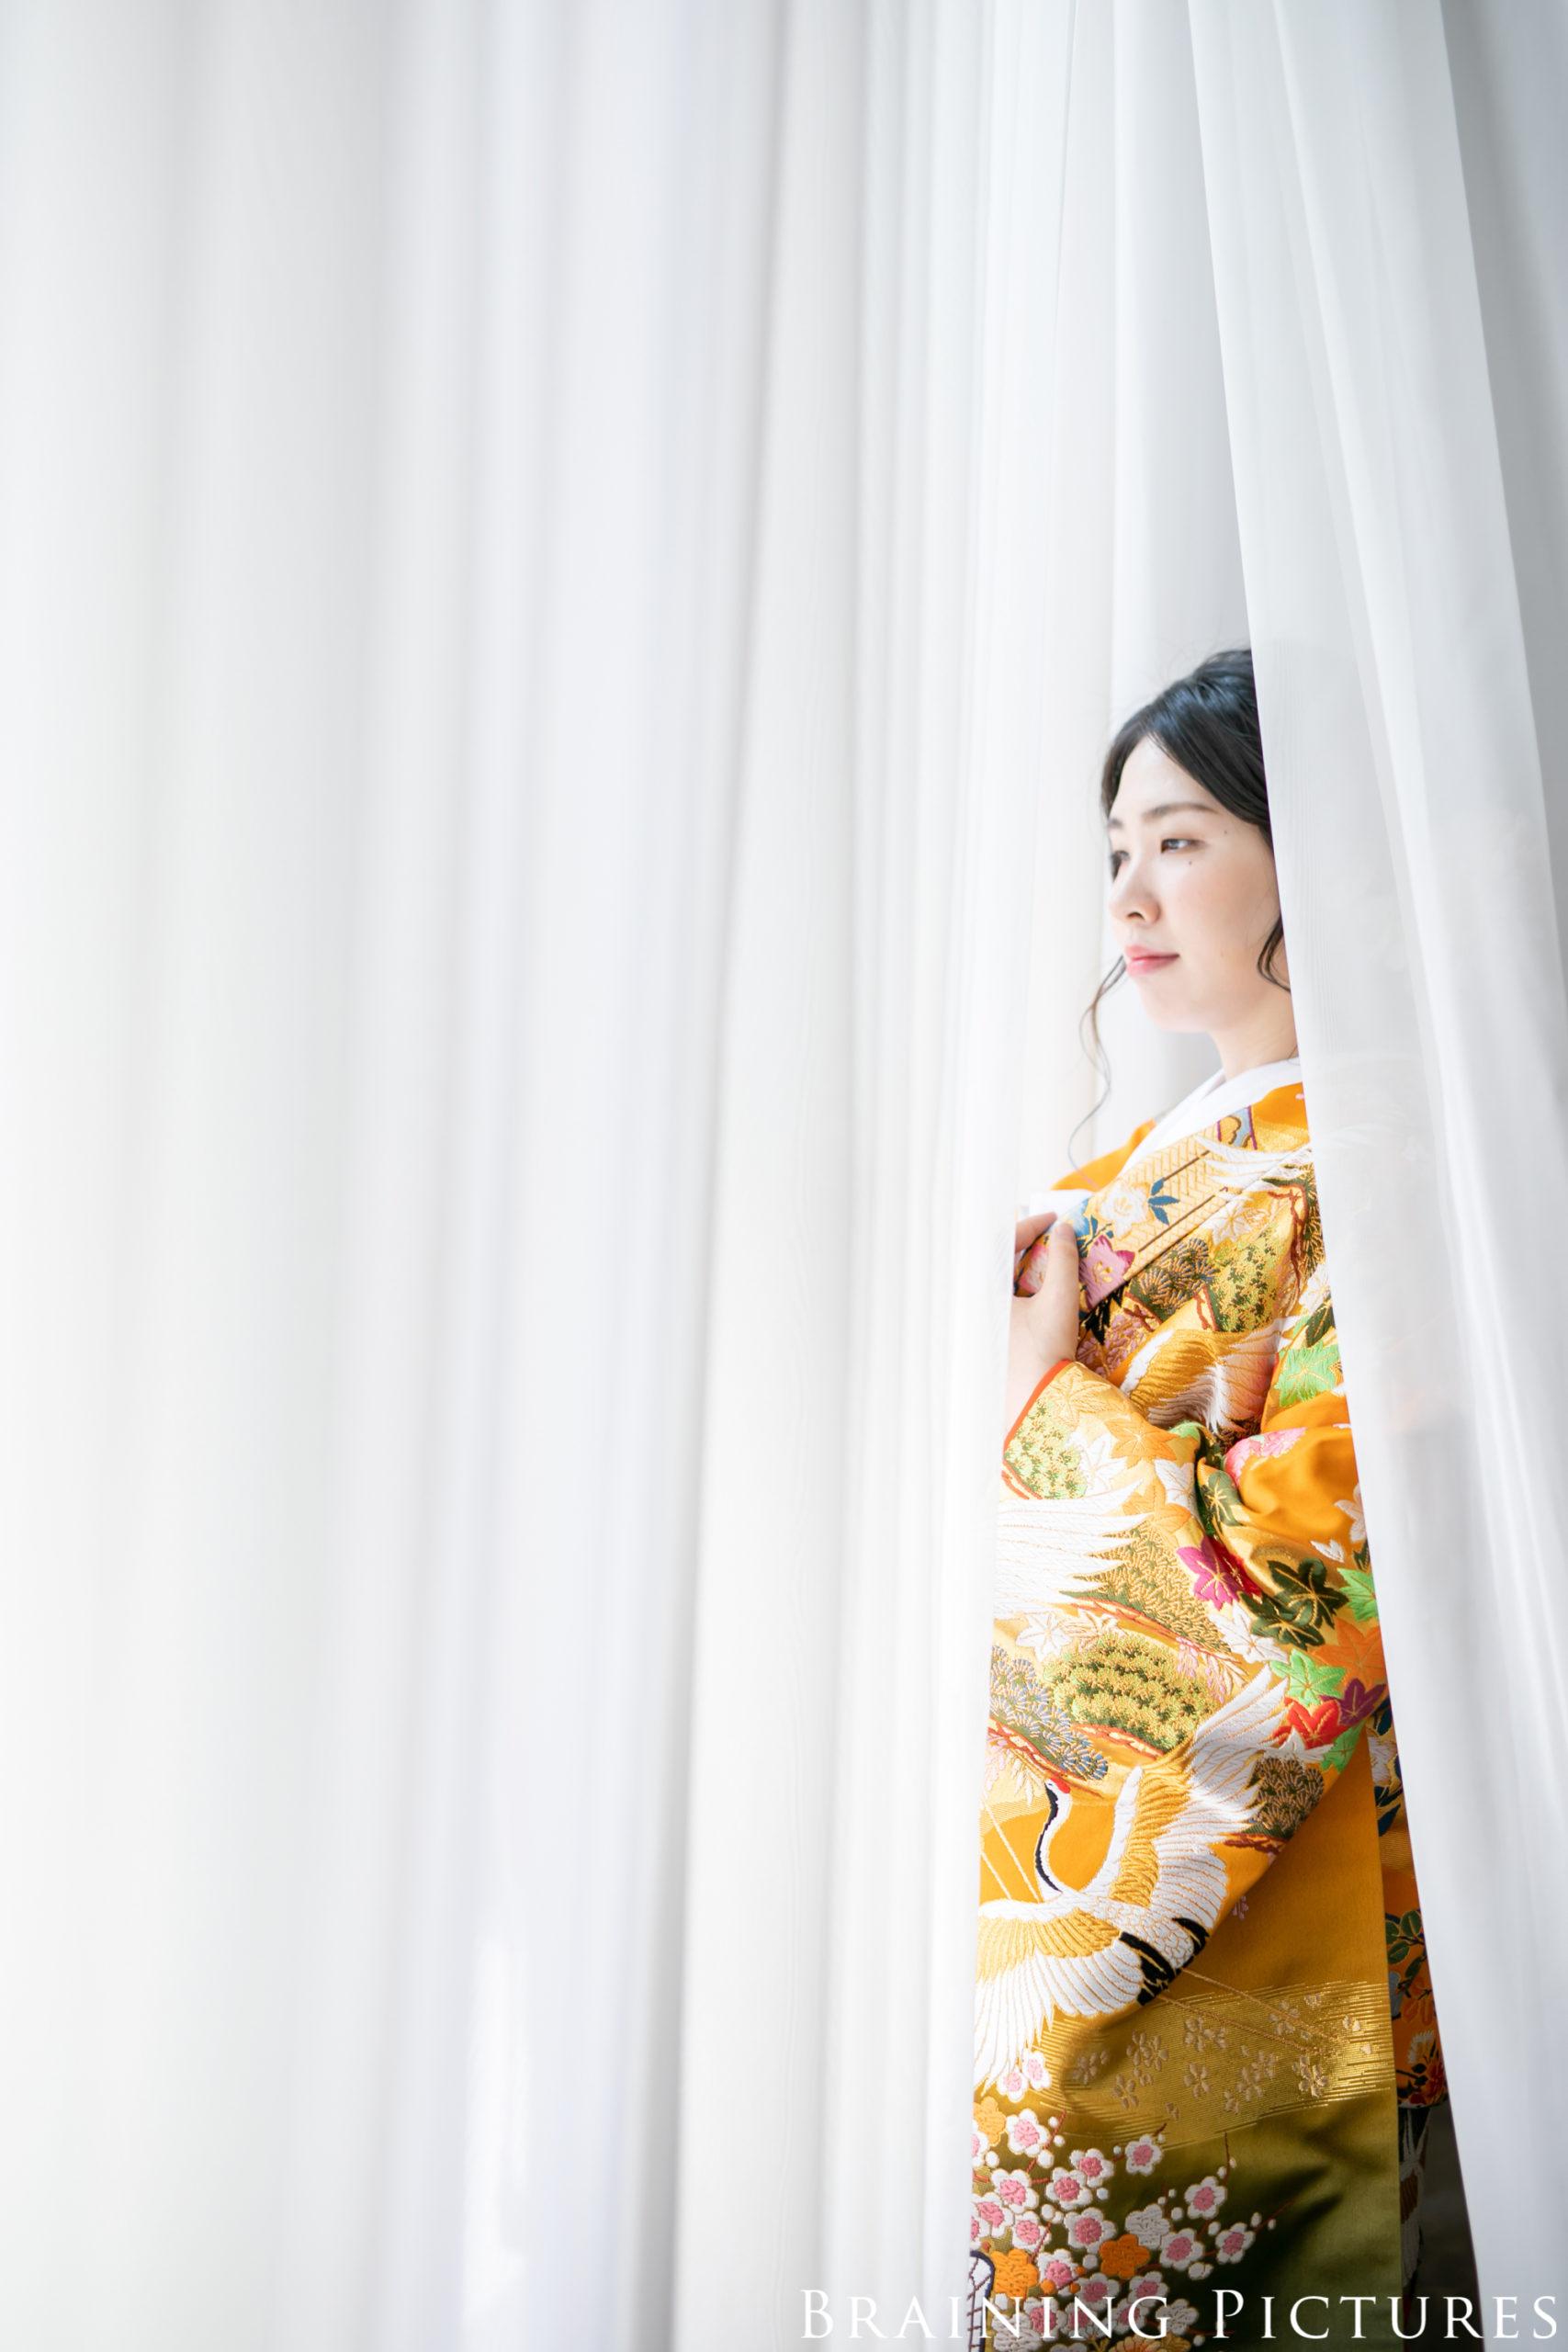 長楽館にて窓を見る女性が一人